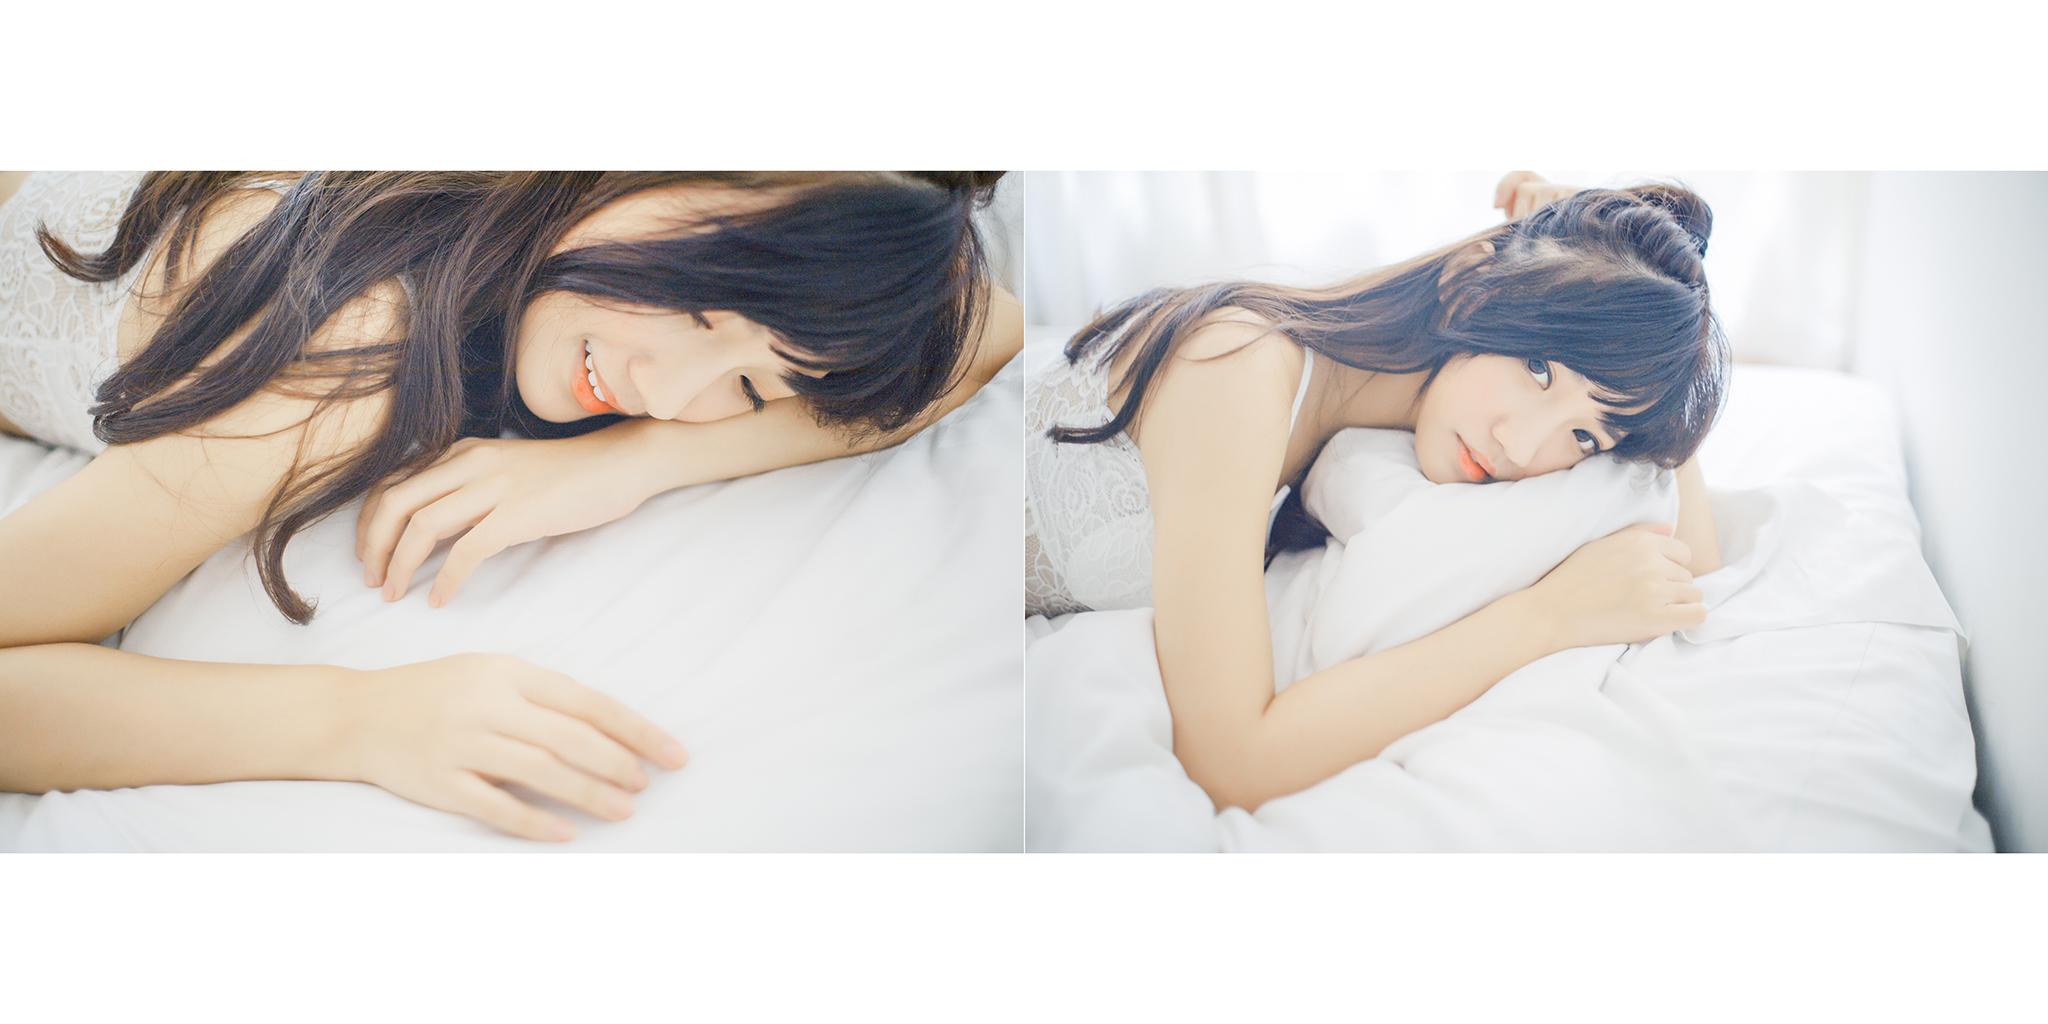 31753386787 2de77a12a3 o - 【人像寫真】+Yonekura+